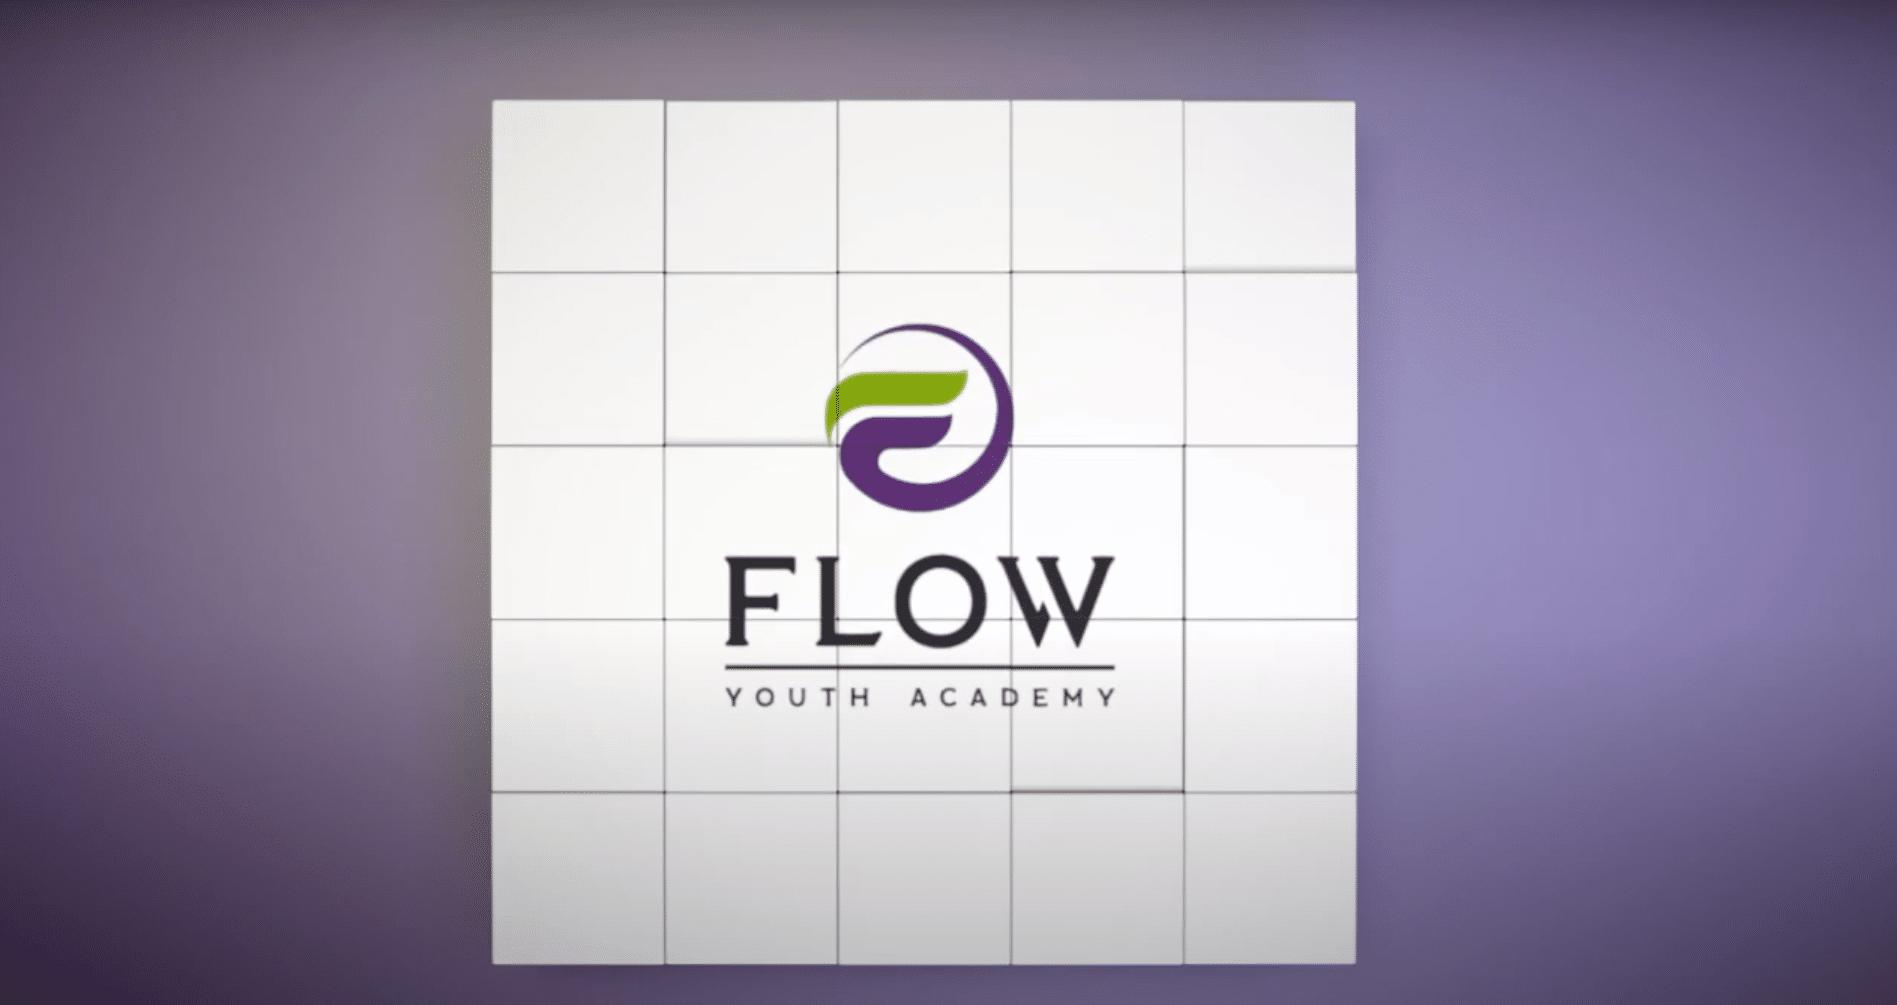 """Баннер с логотипом """"Flow Youth Academy"""" - детский школы TRIZ (ТРИЗ) для детей и подростков в Киеве."""